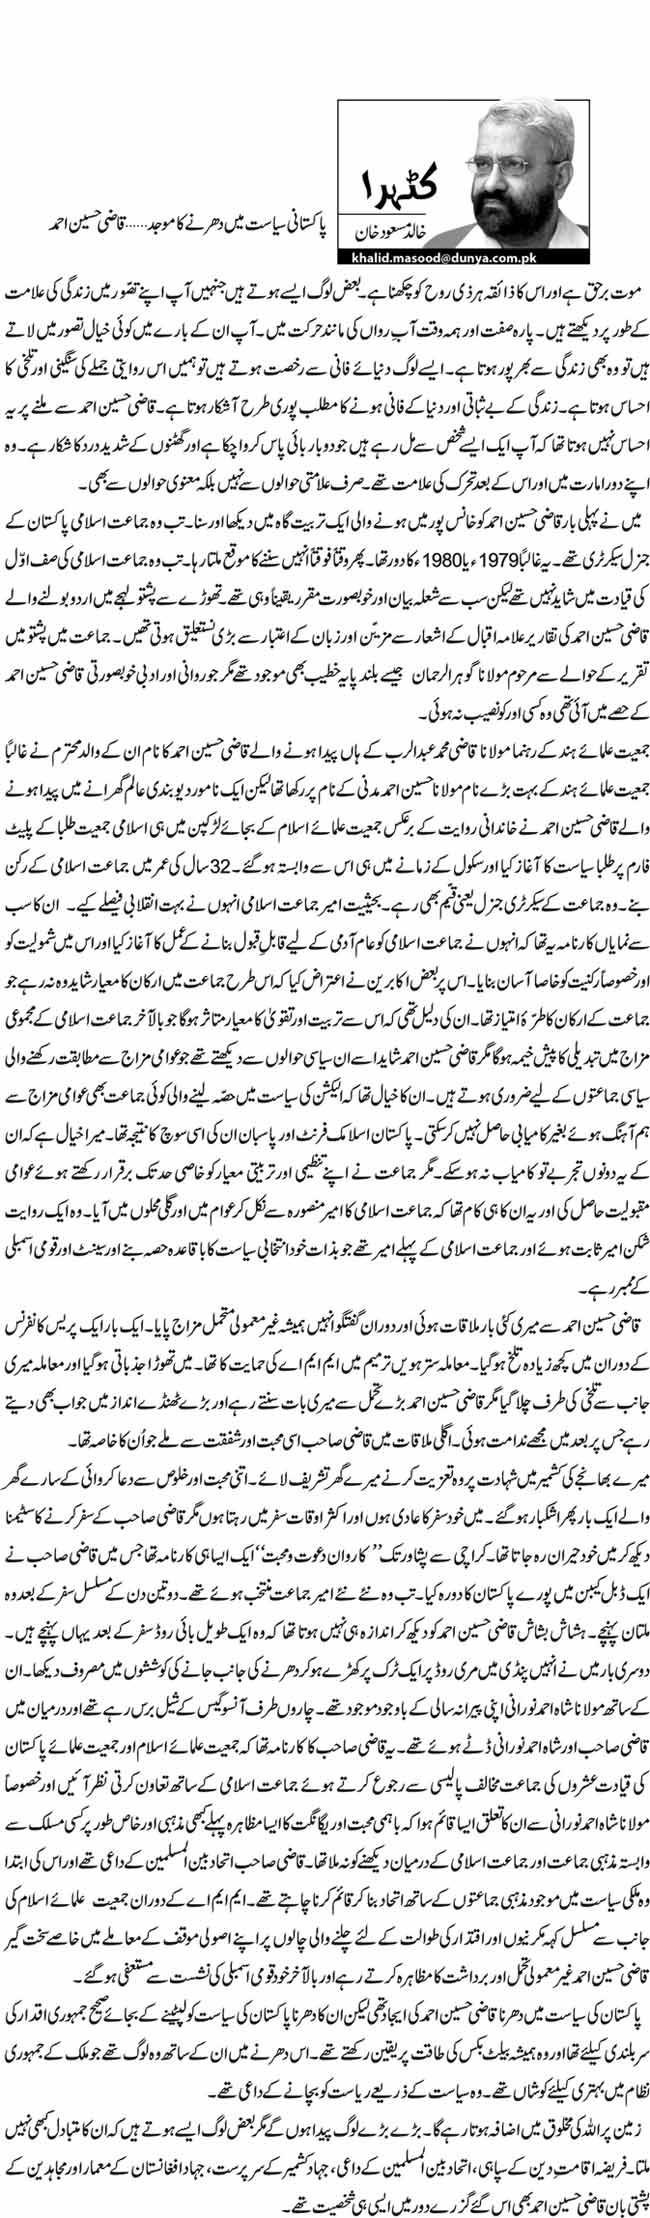 پاکستانی سیاست میں دھرنےکاموجد.. قاضی حسین احمد